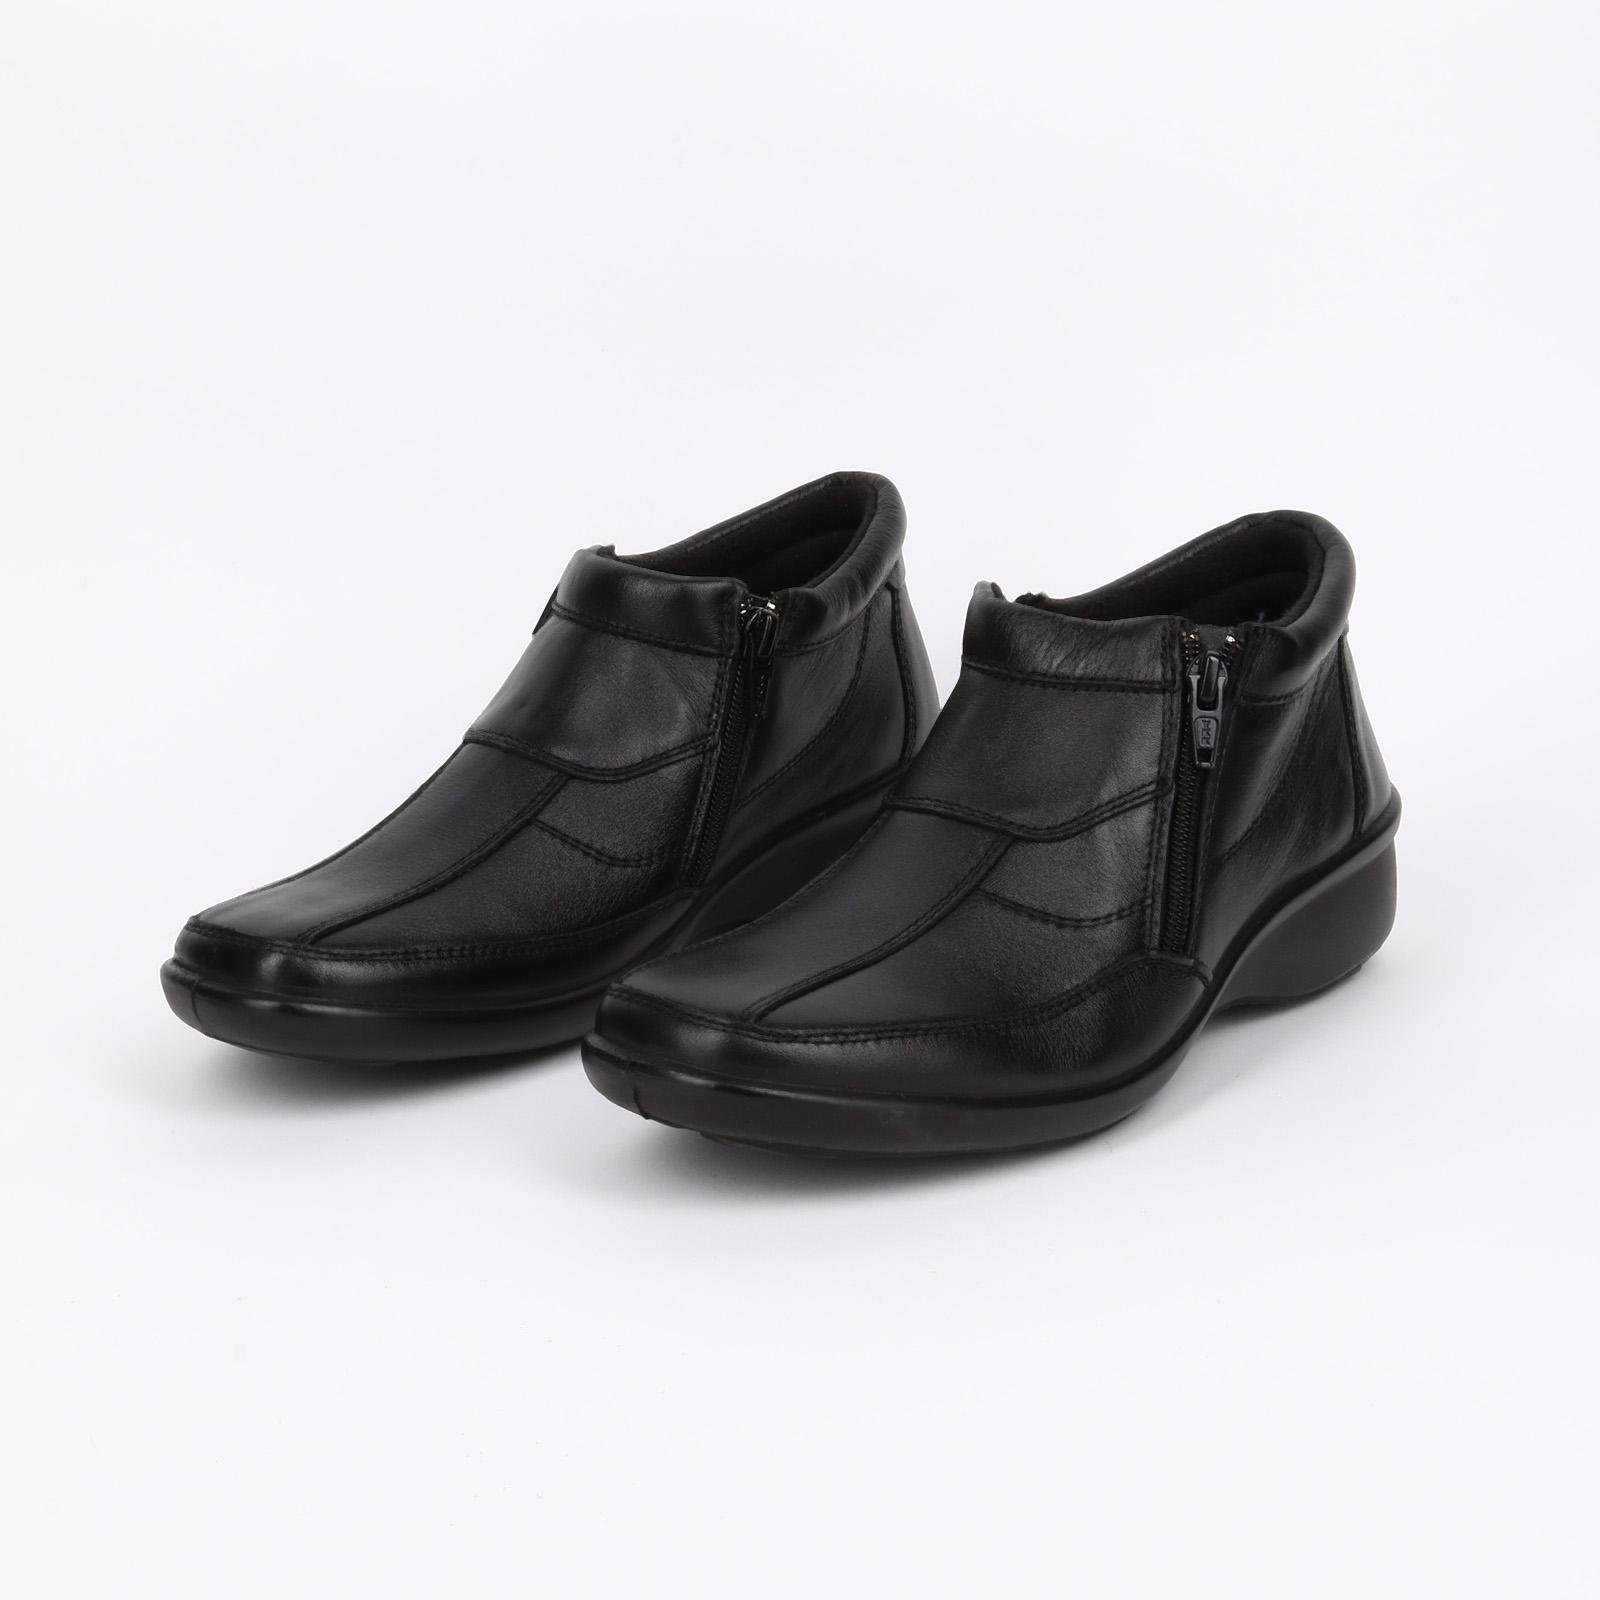 Ботинки женские с застежкой на молнии